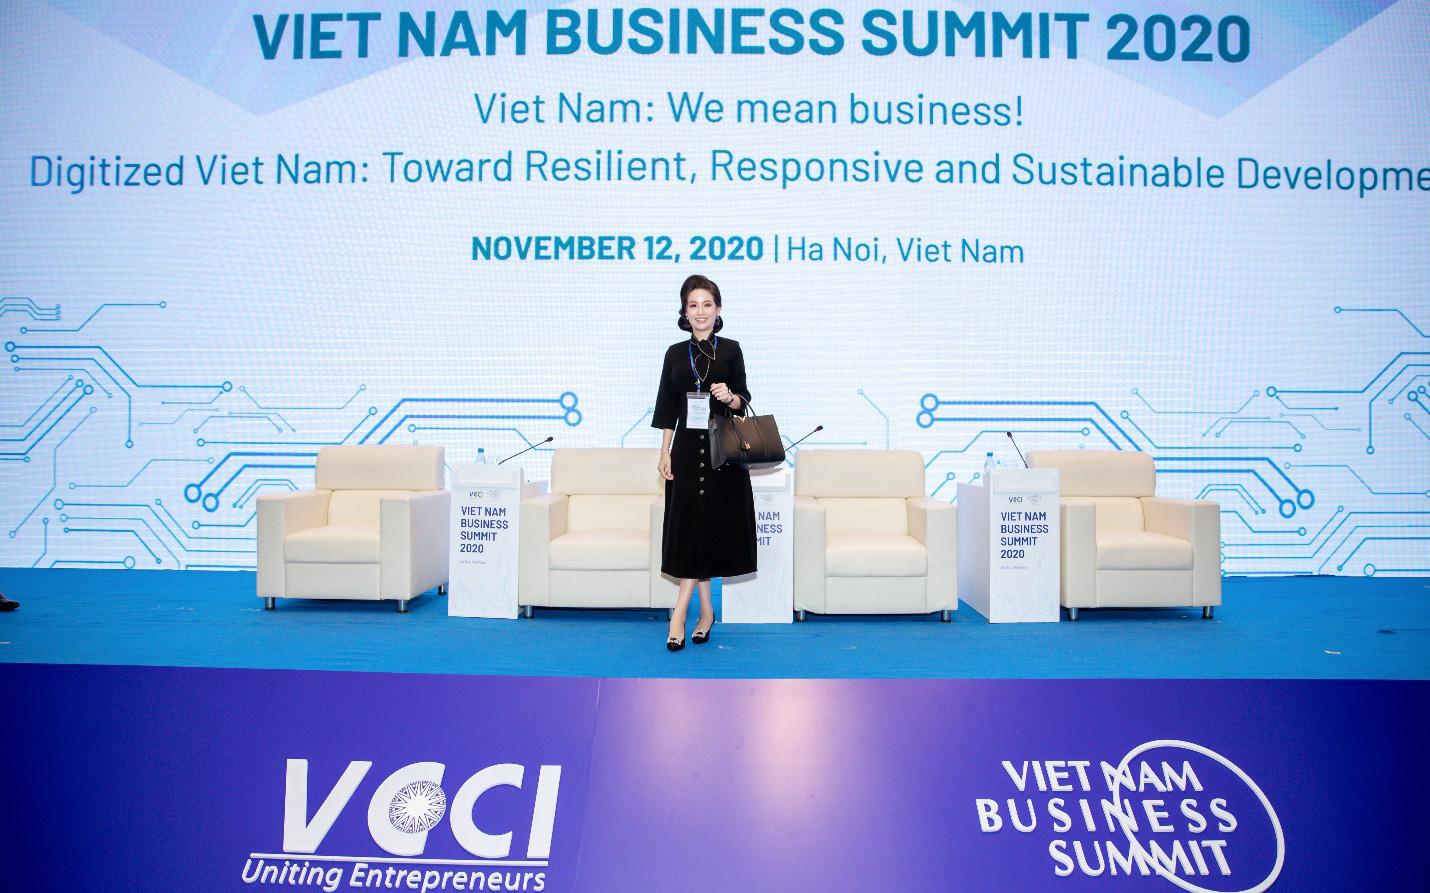 Doanh nhân Võ Thị Ngọc Huyền tham dự Hội nghị Thượng đỉnh Kinh doanh và Đầu tư ASIAN 2020